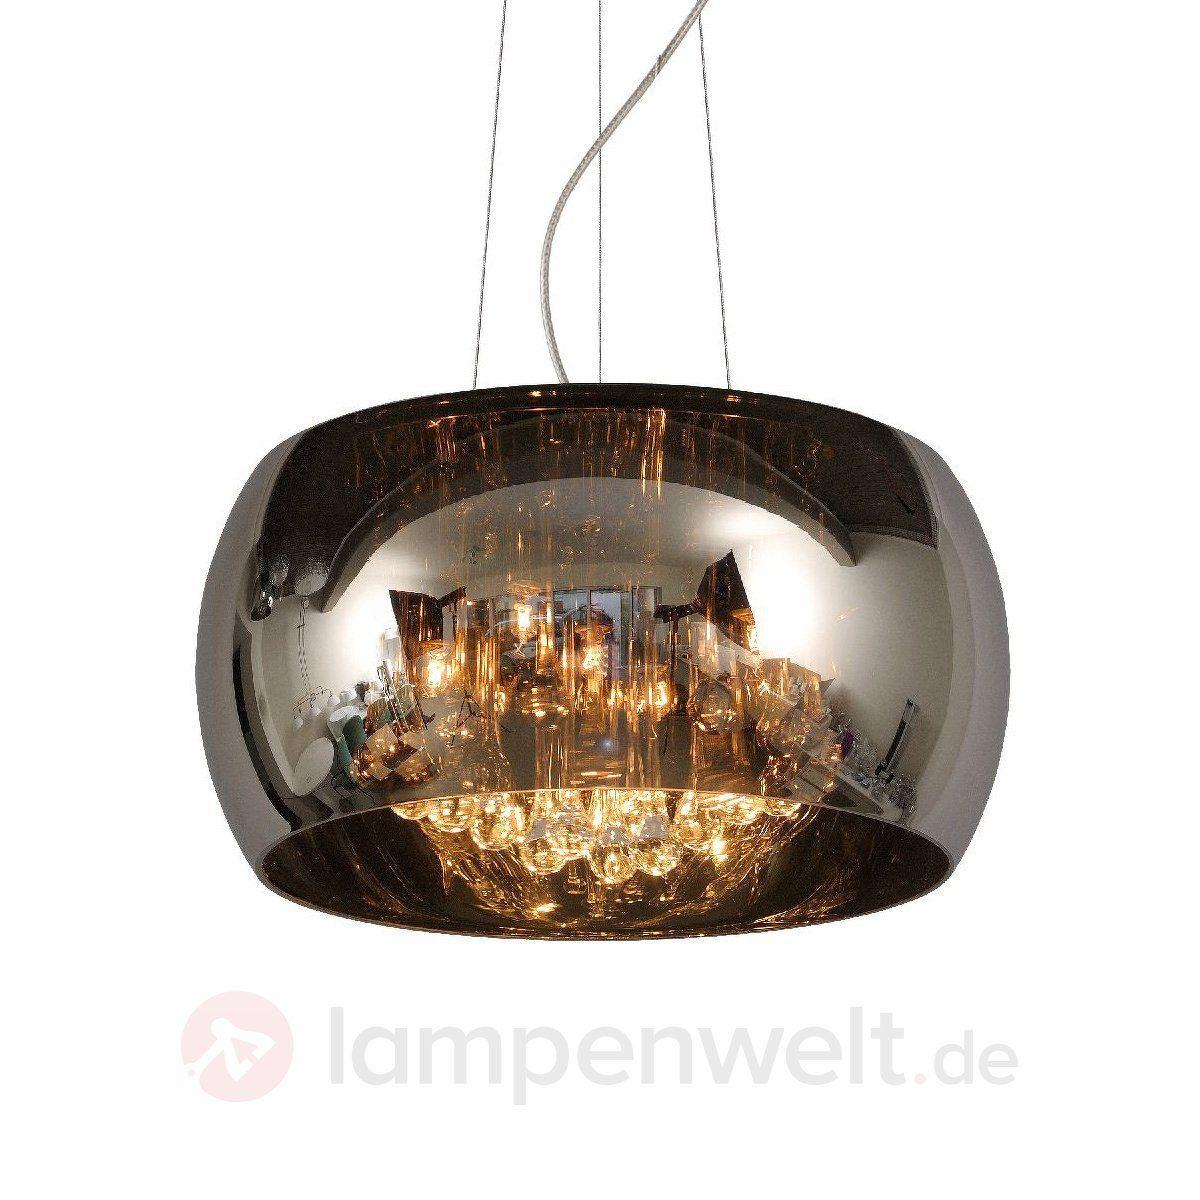 Anmutige Hängeleuchte Pearl Sicher U0026 Bequem Online Bestellen Bei  Lampenwelt.de.